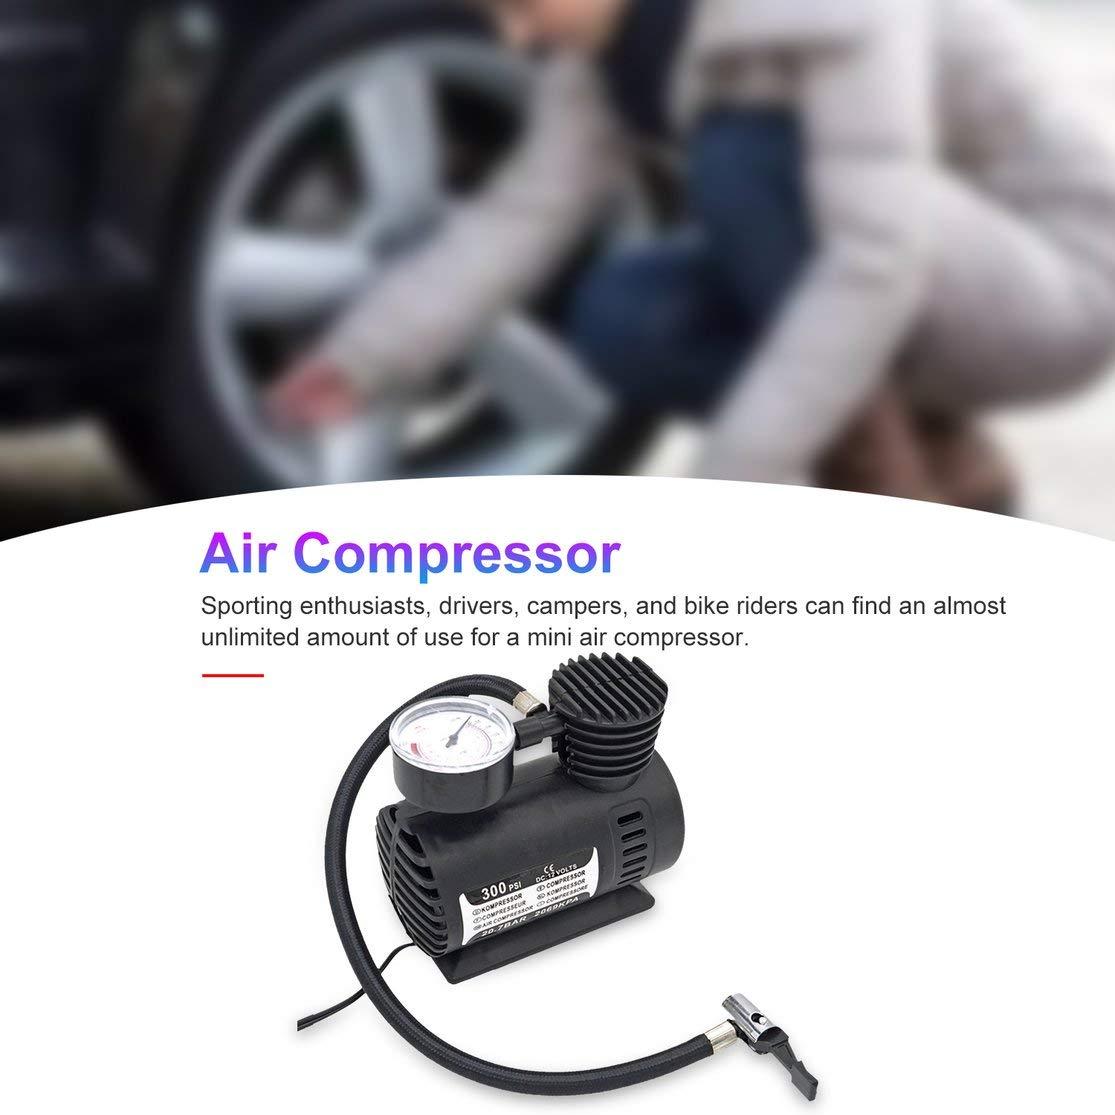 Candybarbar Mini Compresor de Aire Bomba el/éctrica ABS Automotriz Durable Veh/ículo Bomba de Aire 300 PSI Bomba de inflado de neum/áticos DC 12V Piezas de autom/óvil